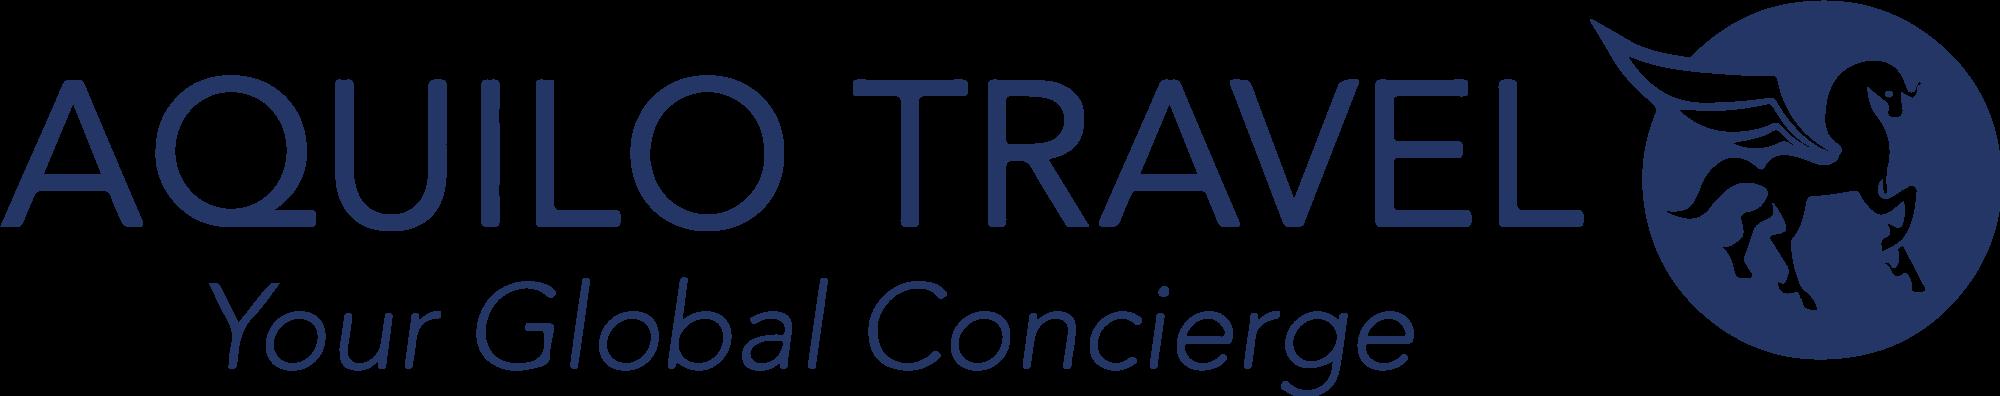 Aquilo Travel logo